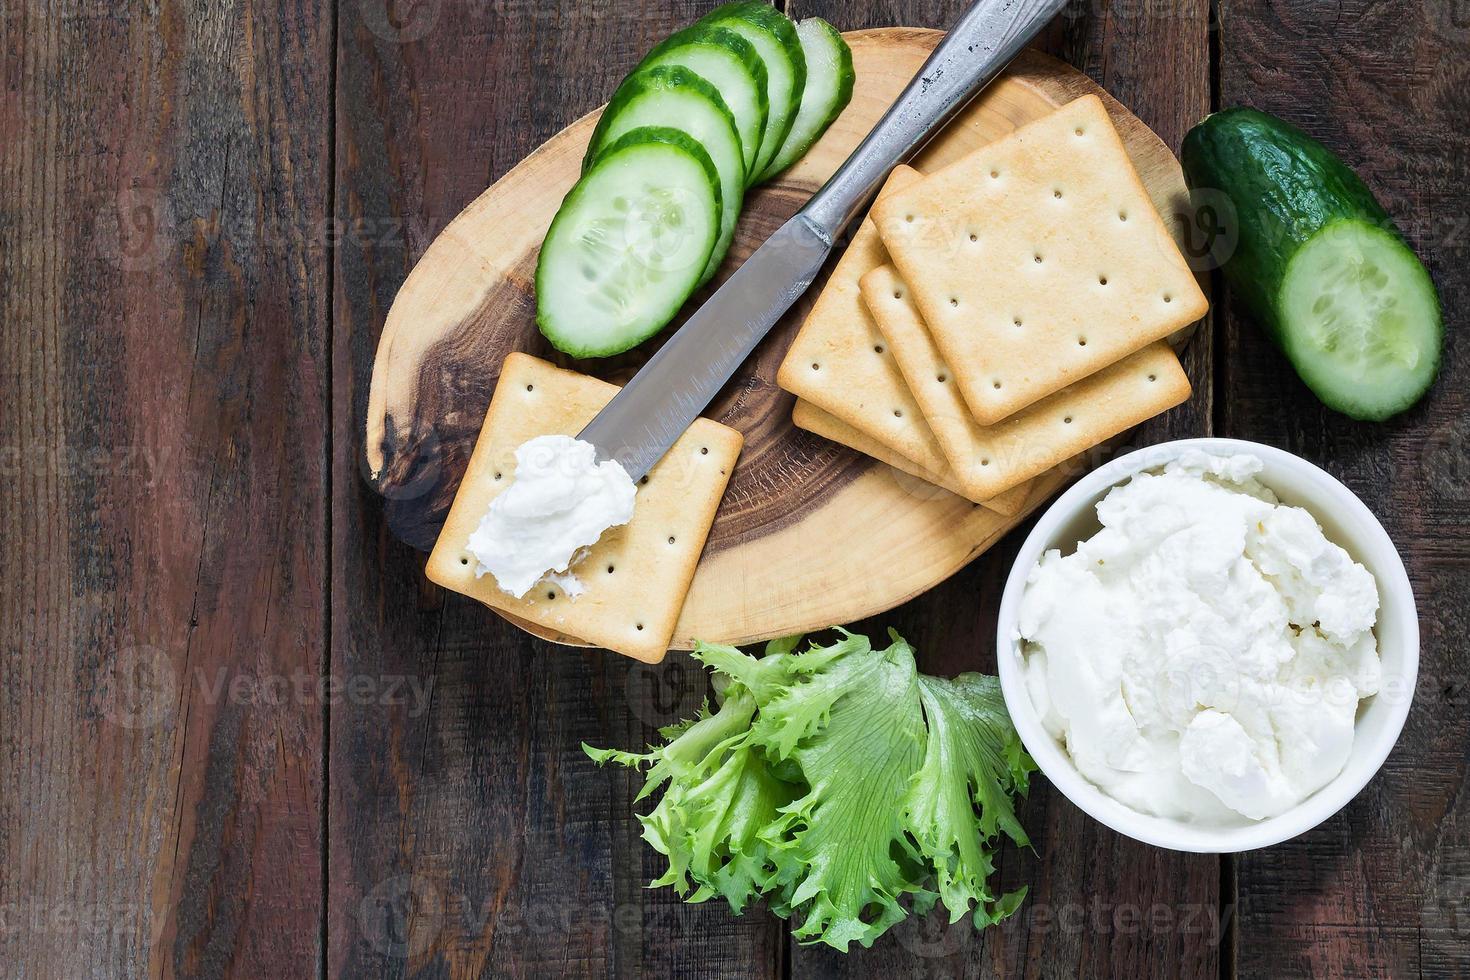 galletas saladas, lechuga y ricotta foto